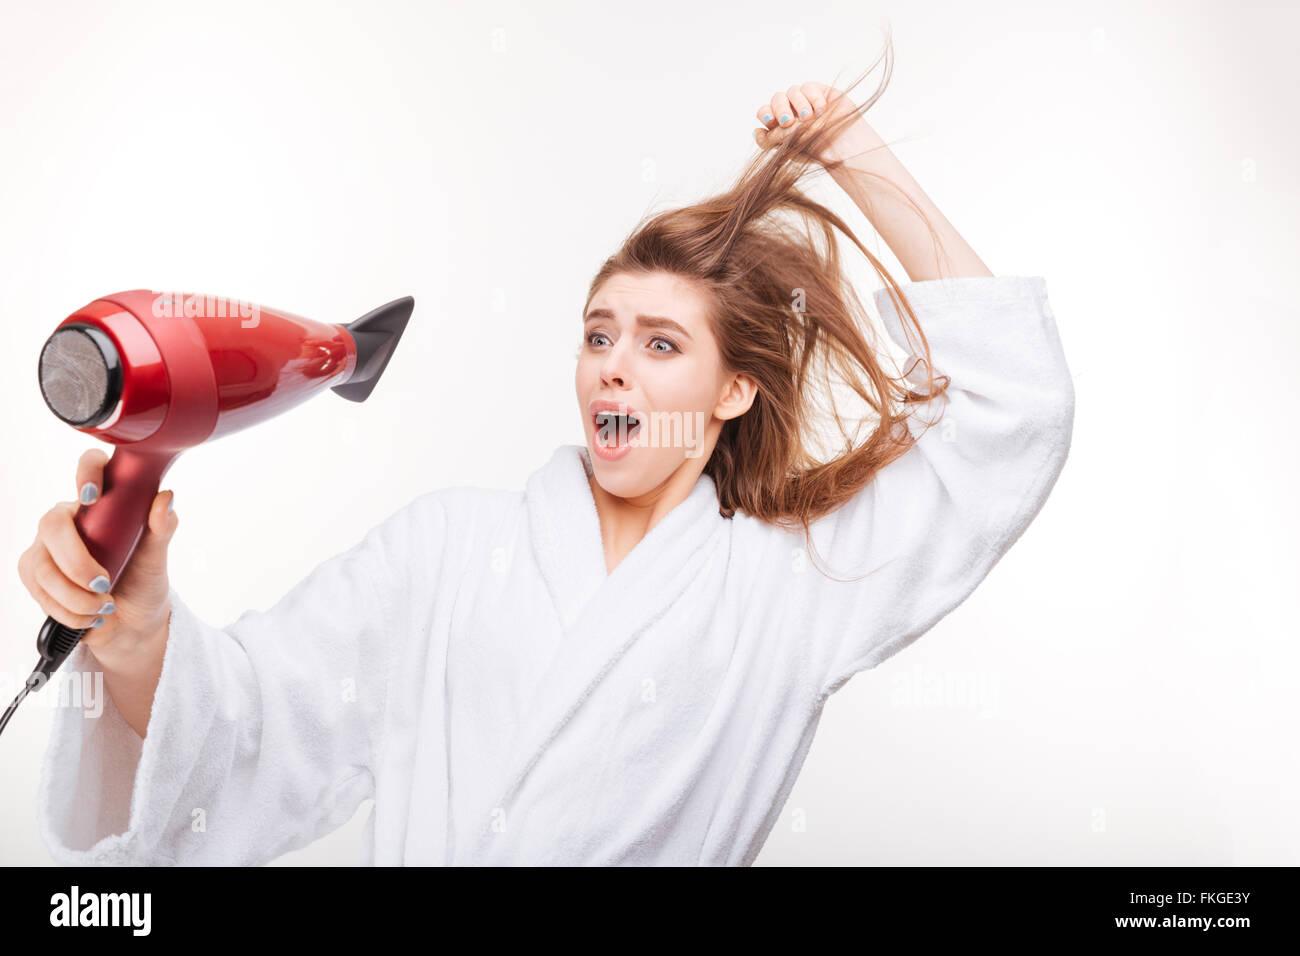 Lustig verängstigte junge Frau im Bademantel trocknet ihr Haar und Angst vor der Trockner auf weißem Hintergrund Stockbild